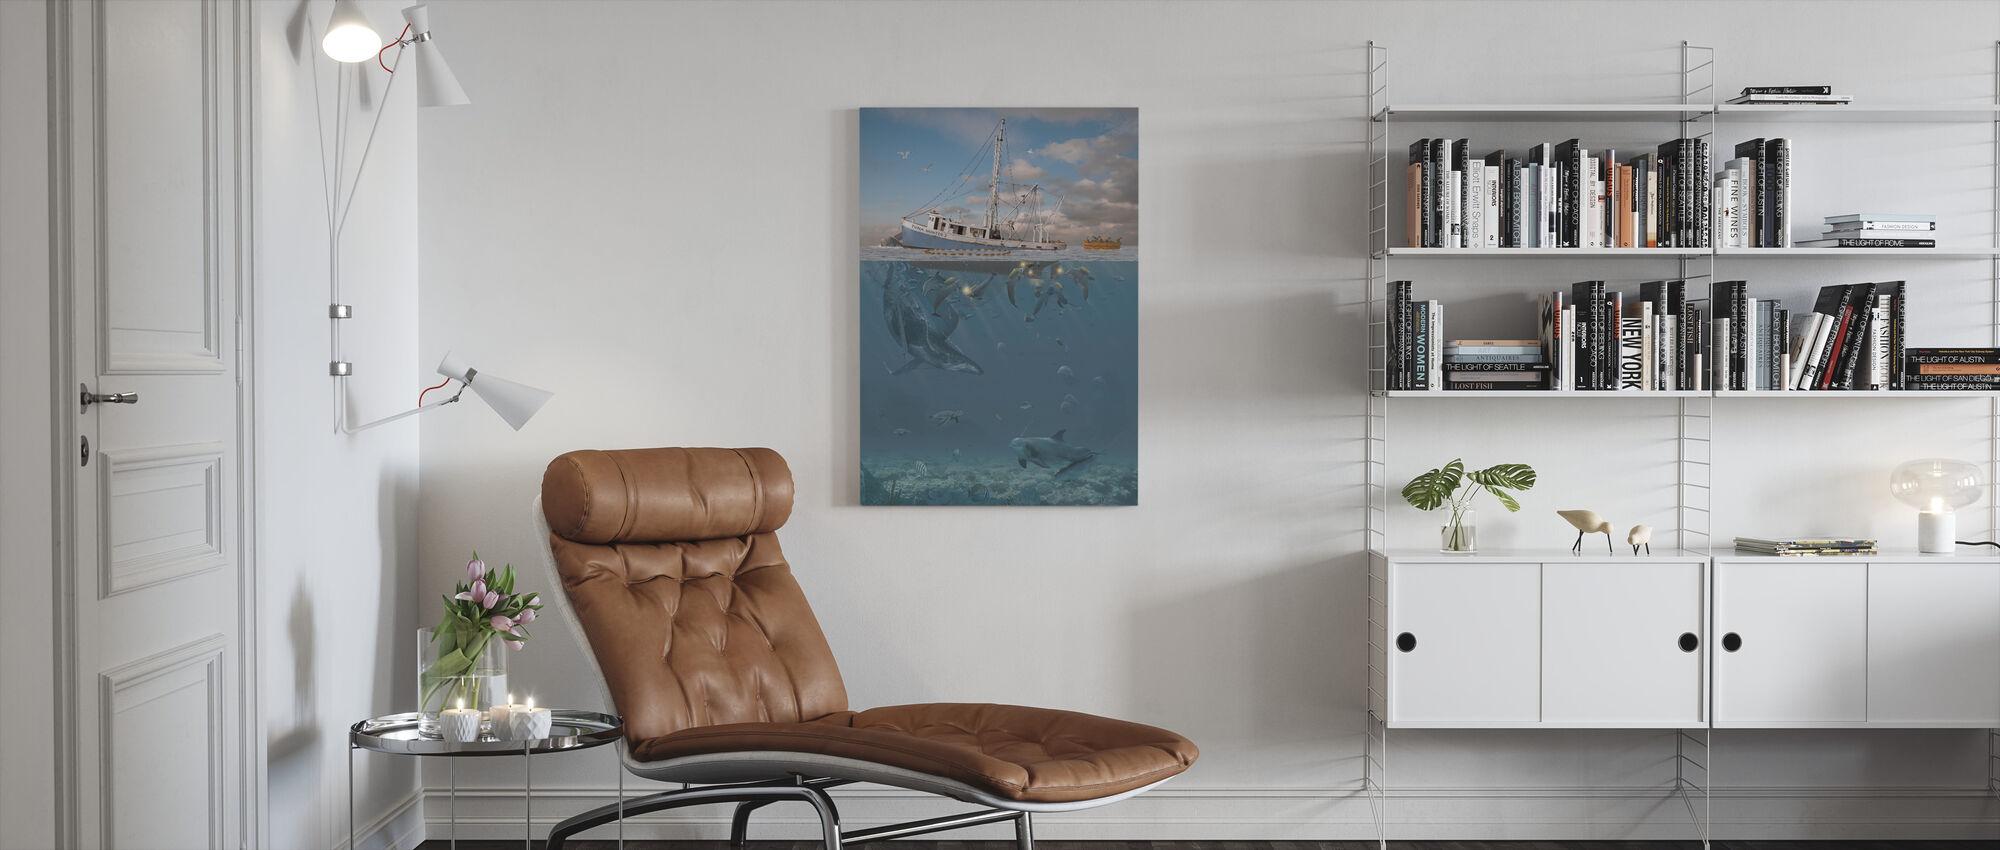 Delfiinin raivo - Canvastaulu - Olohuone